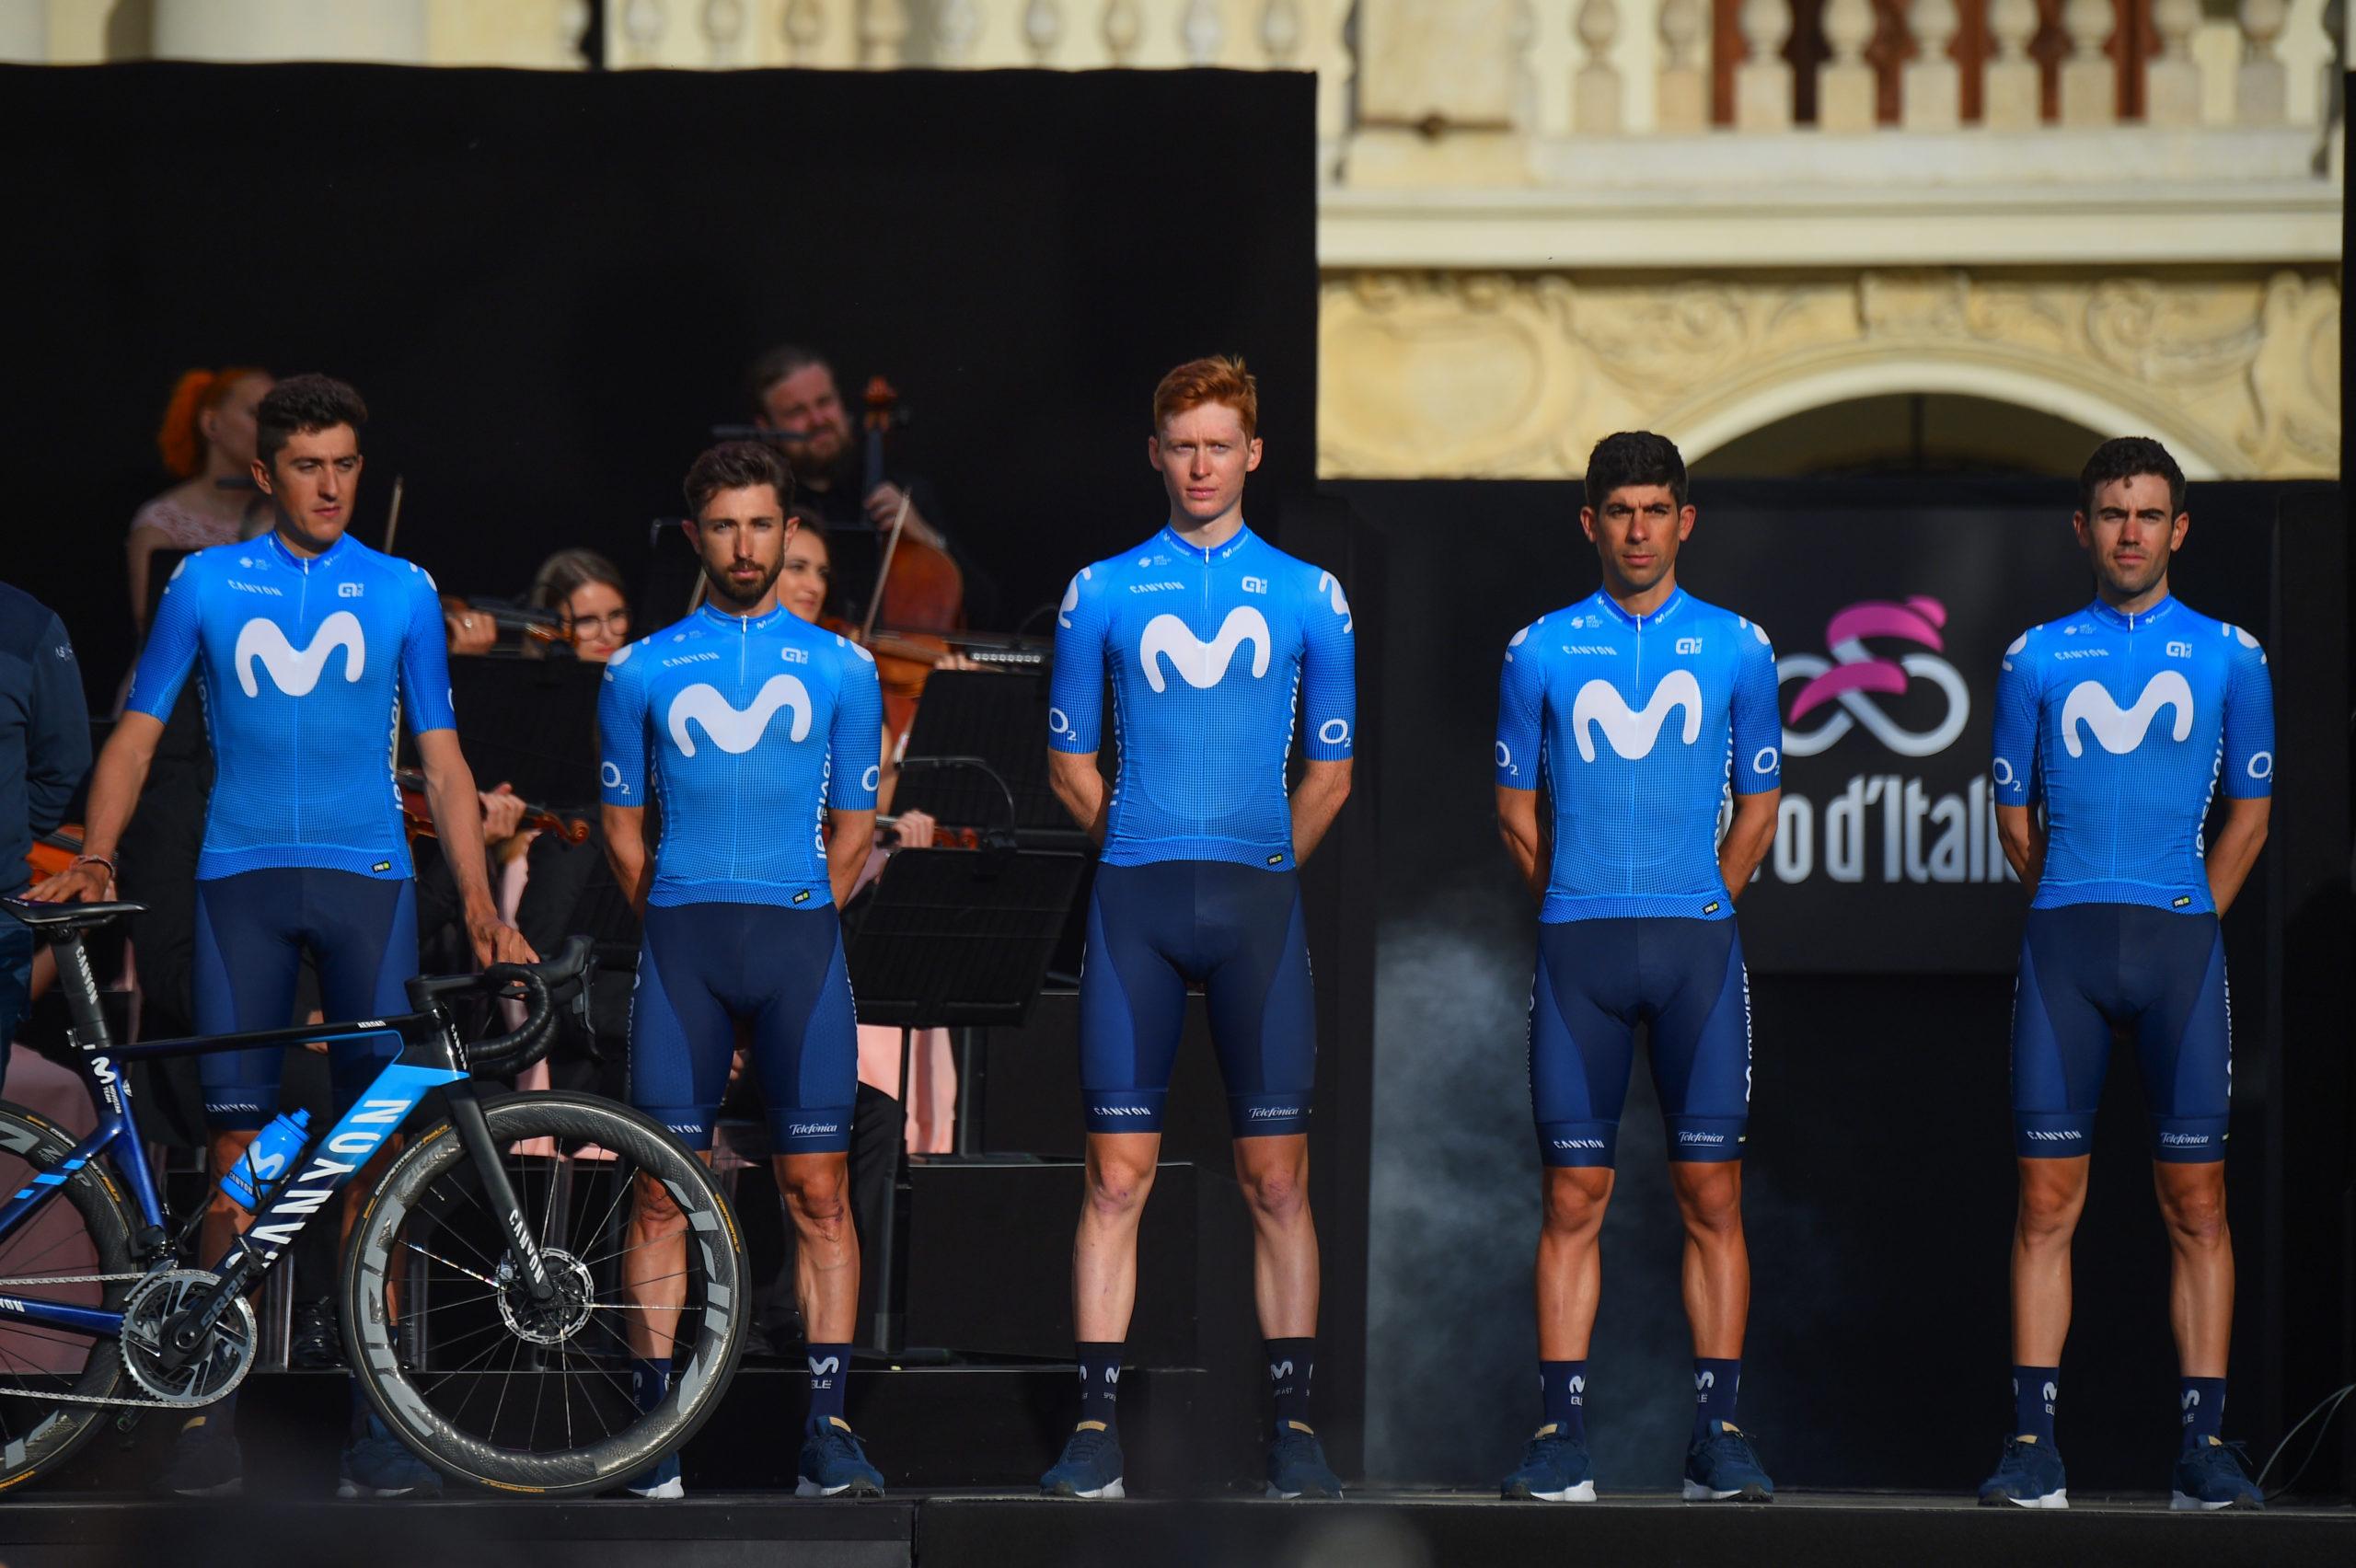 Giro d'Italia 2021 presentació de Movistar Team | Dario Belingheri/BettiniPhoto